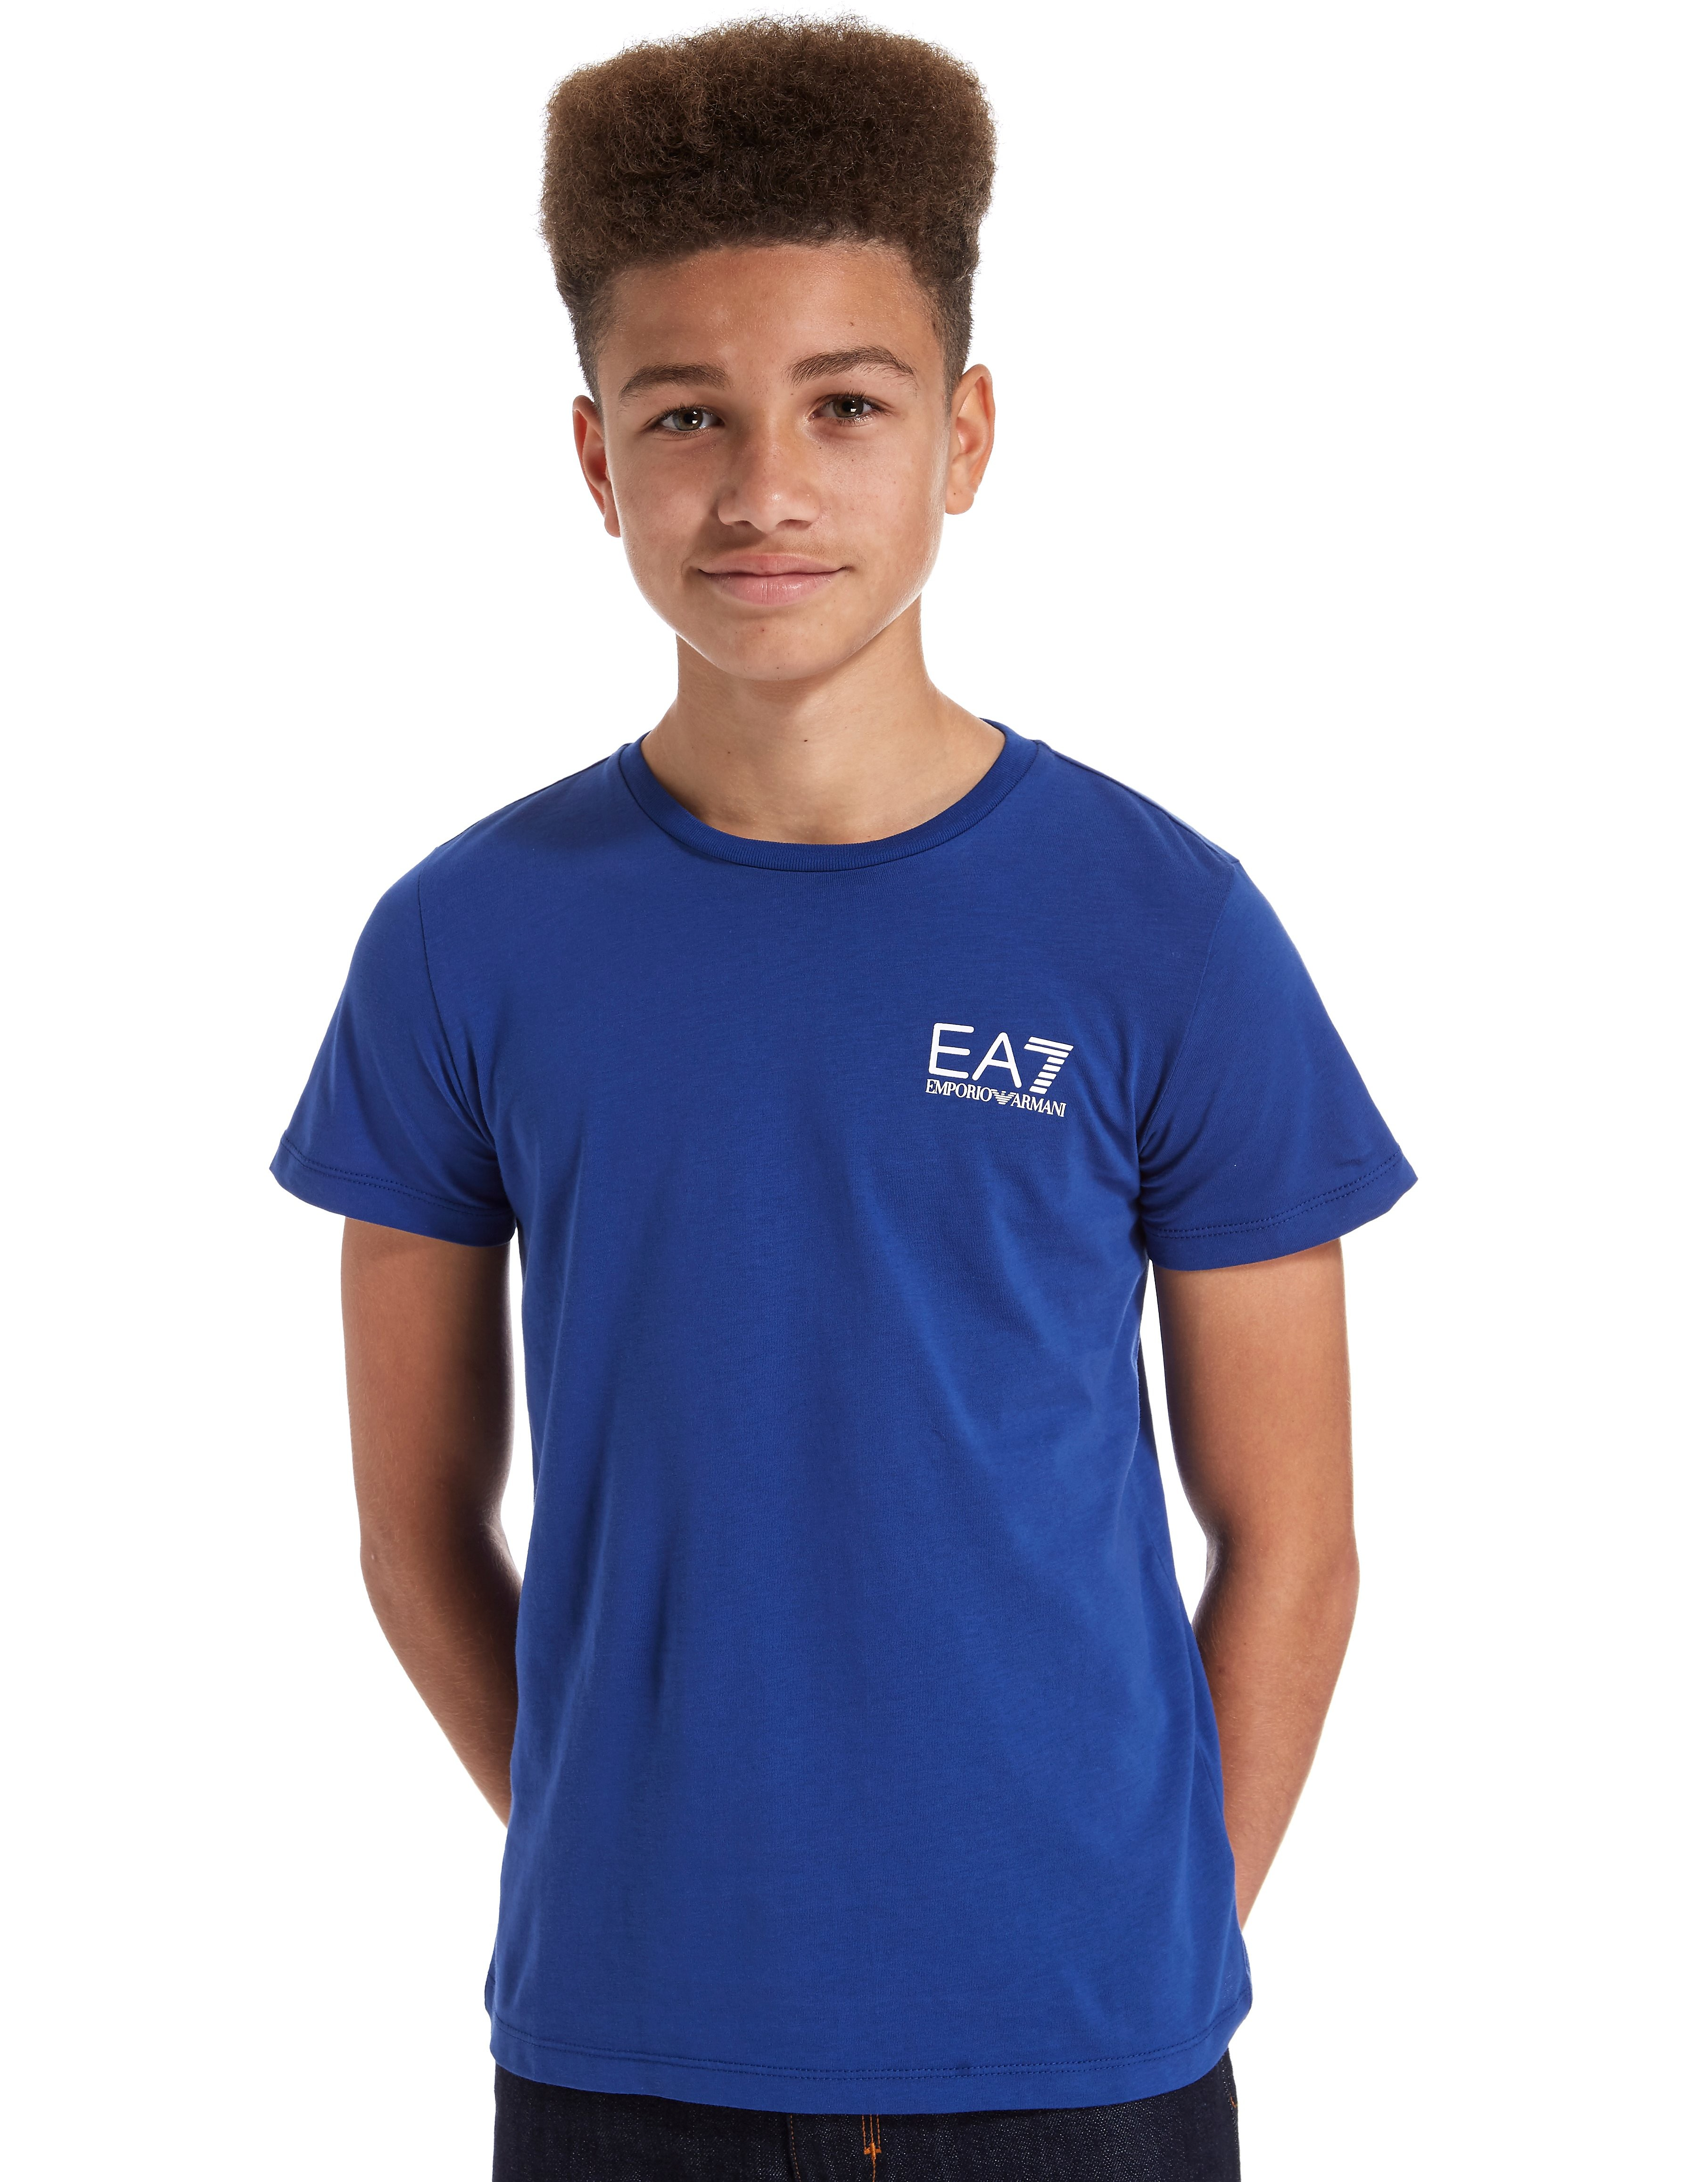 Emporio Armani EA7 Core Small Logo T-Shirt Junior